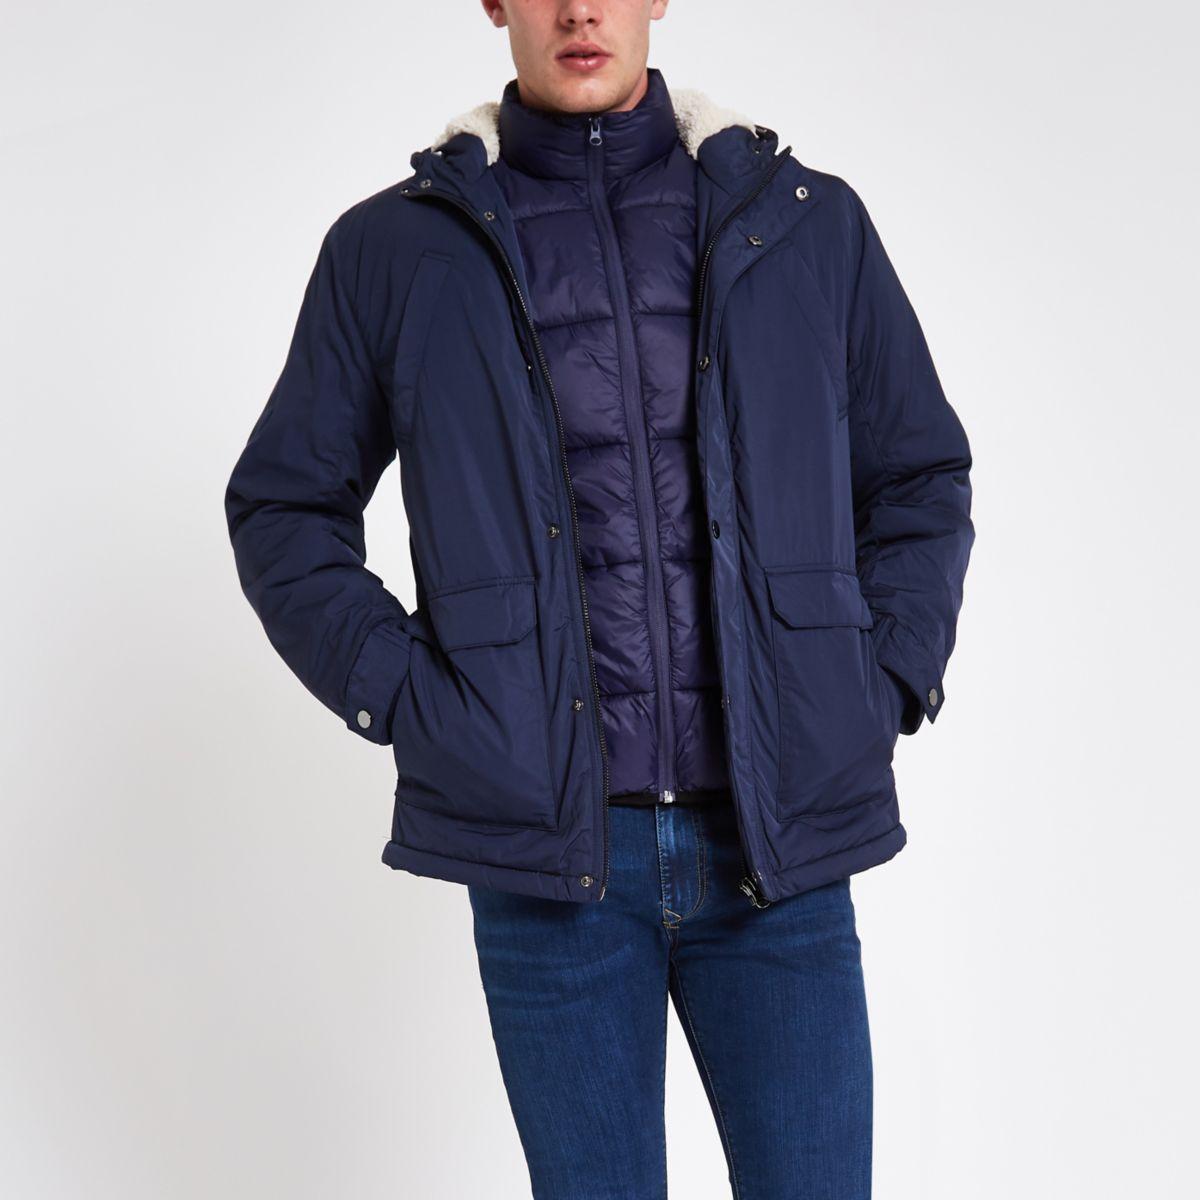 Navy hooded fleece lined jacket